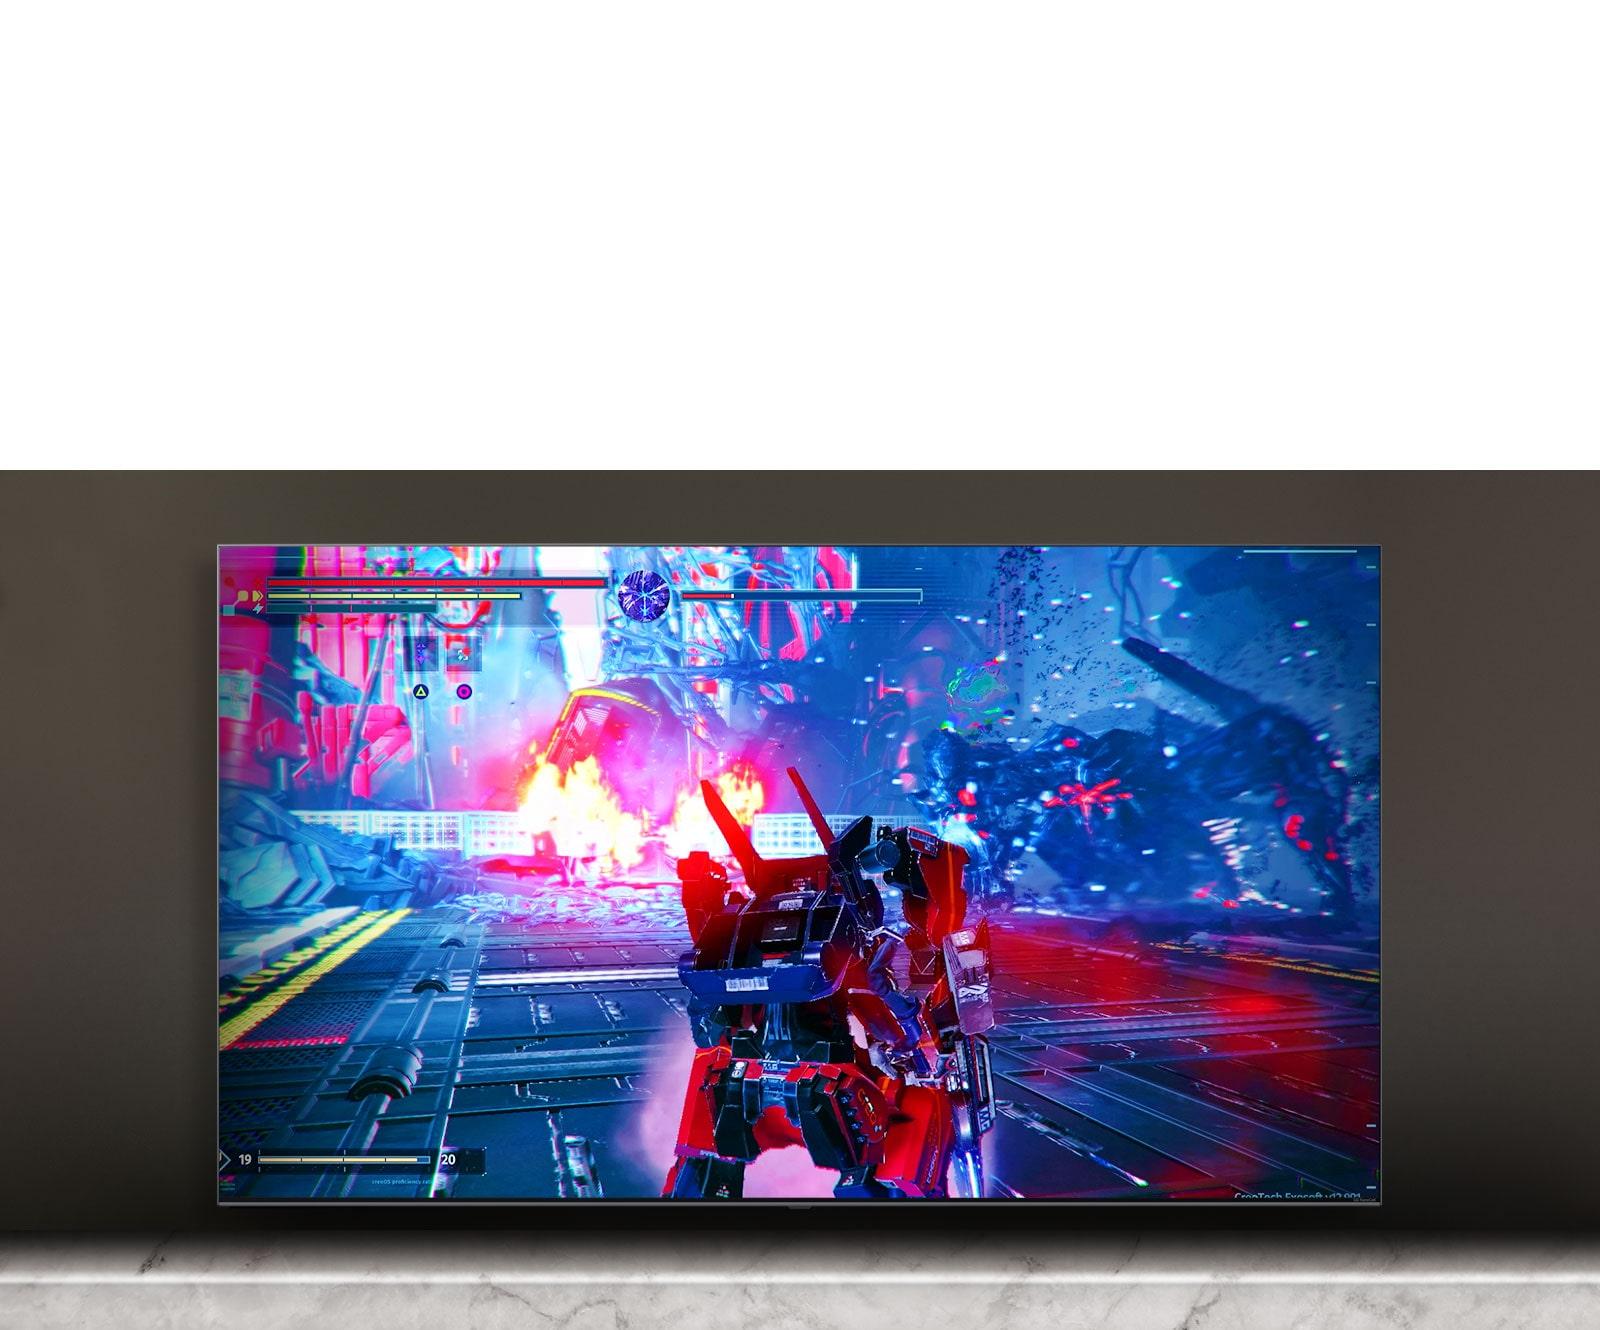 Layar TV menampilkan adegan game peperangan